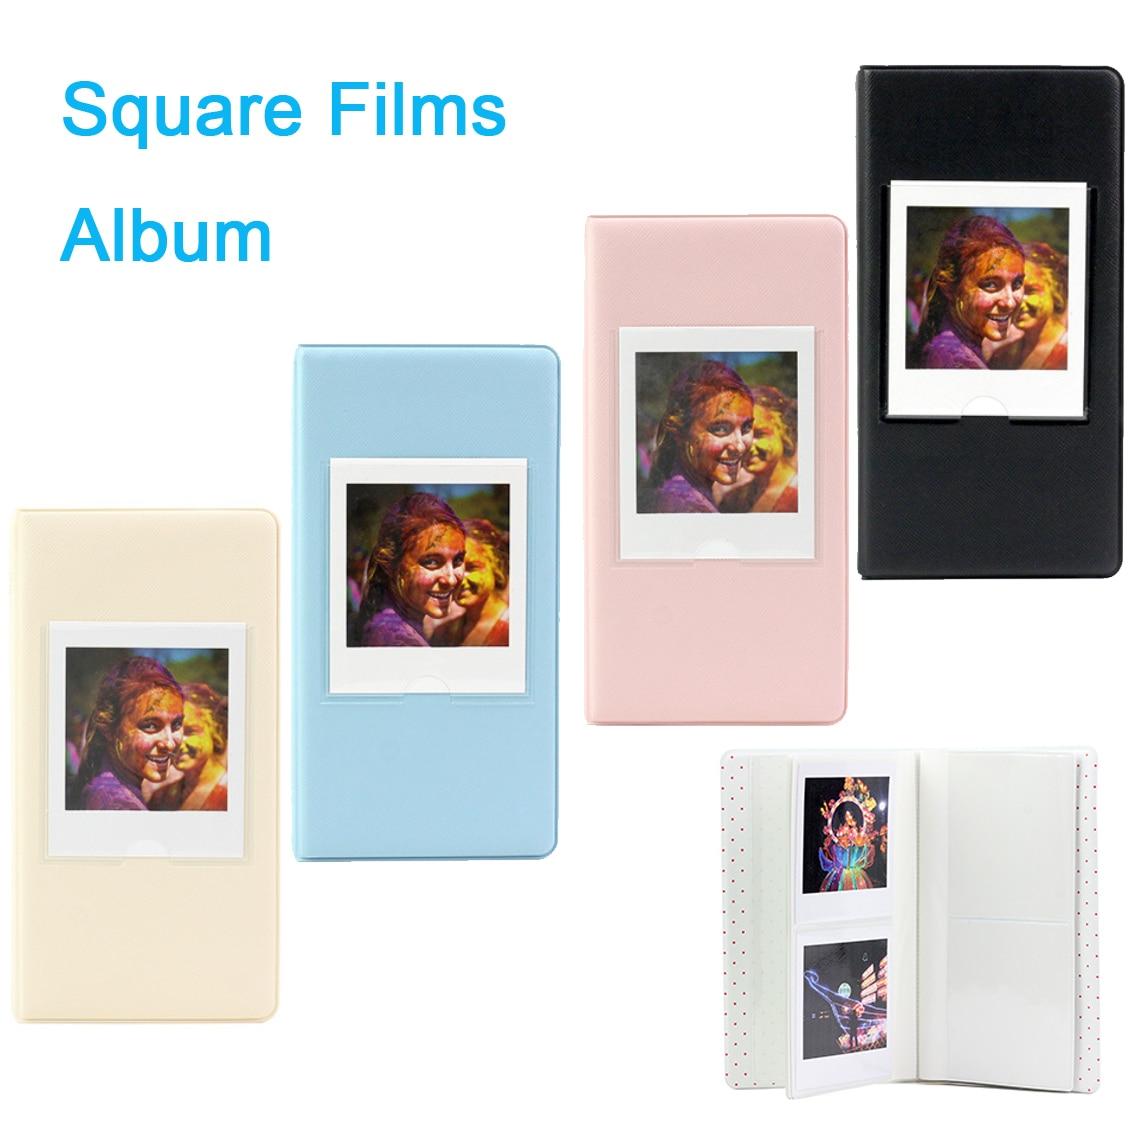 64 pochettes Fuji Fujifilm Instax SQ20 Films carrés Album Photo SQ 20 10 6 appareil Photo instantané SP-3 imprimante papier Photo livre Album